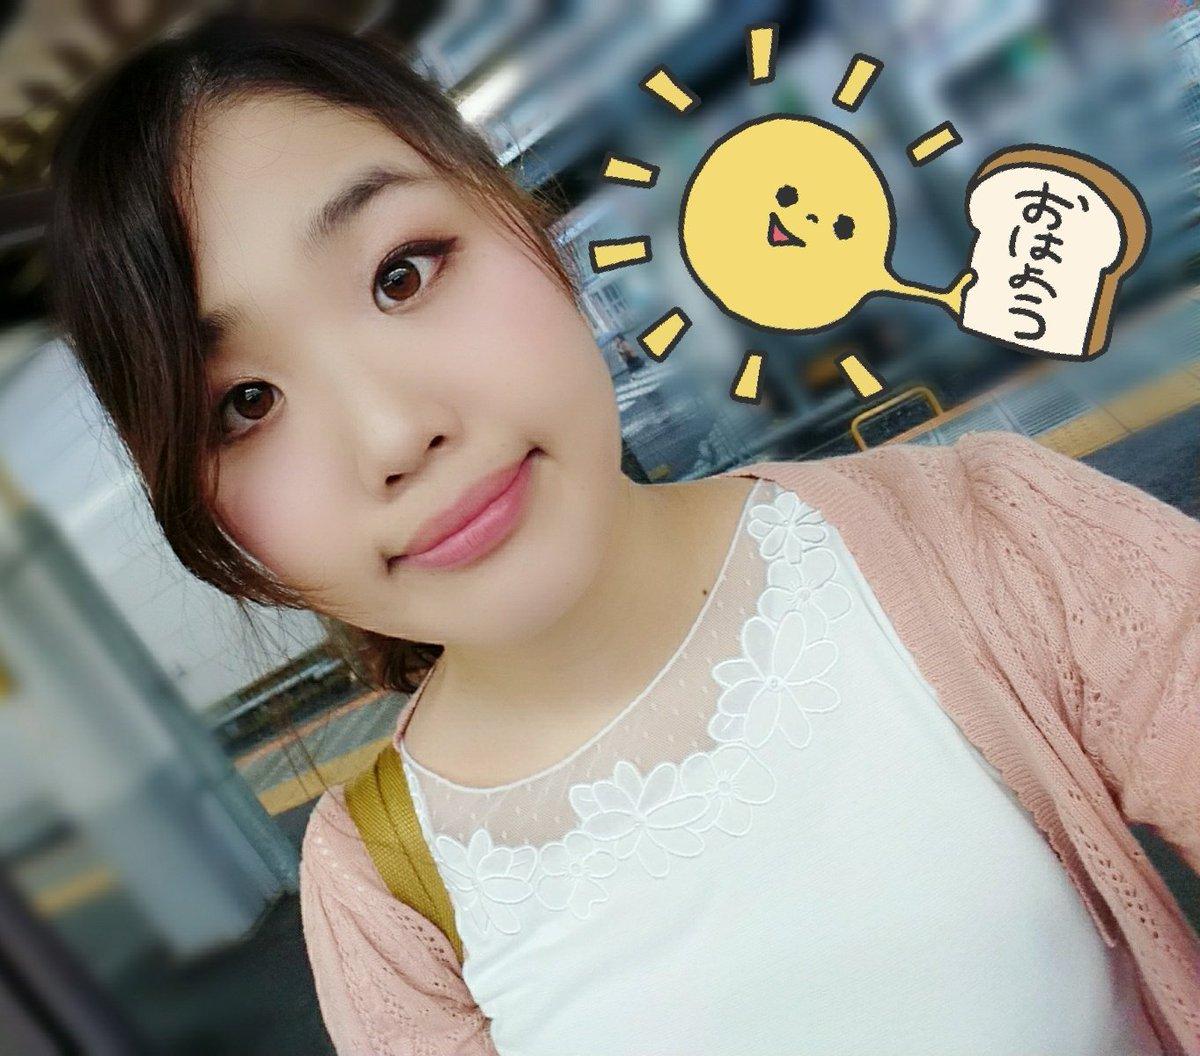 三輪 千明⇒6/19〜6/23 舞台『ハッピーマーケット』 (@kurulin18)   Twitter